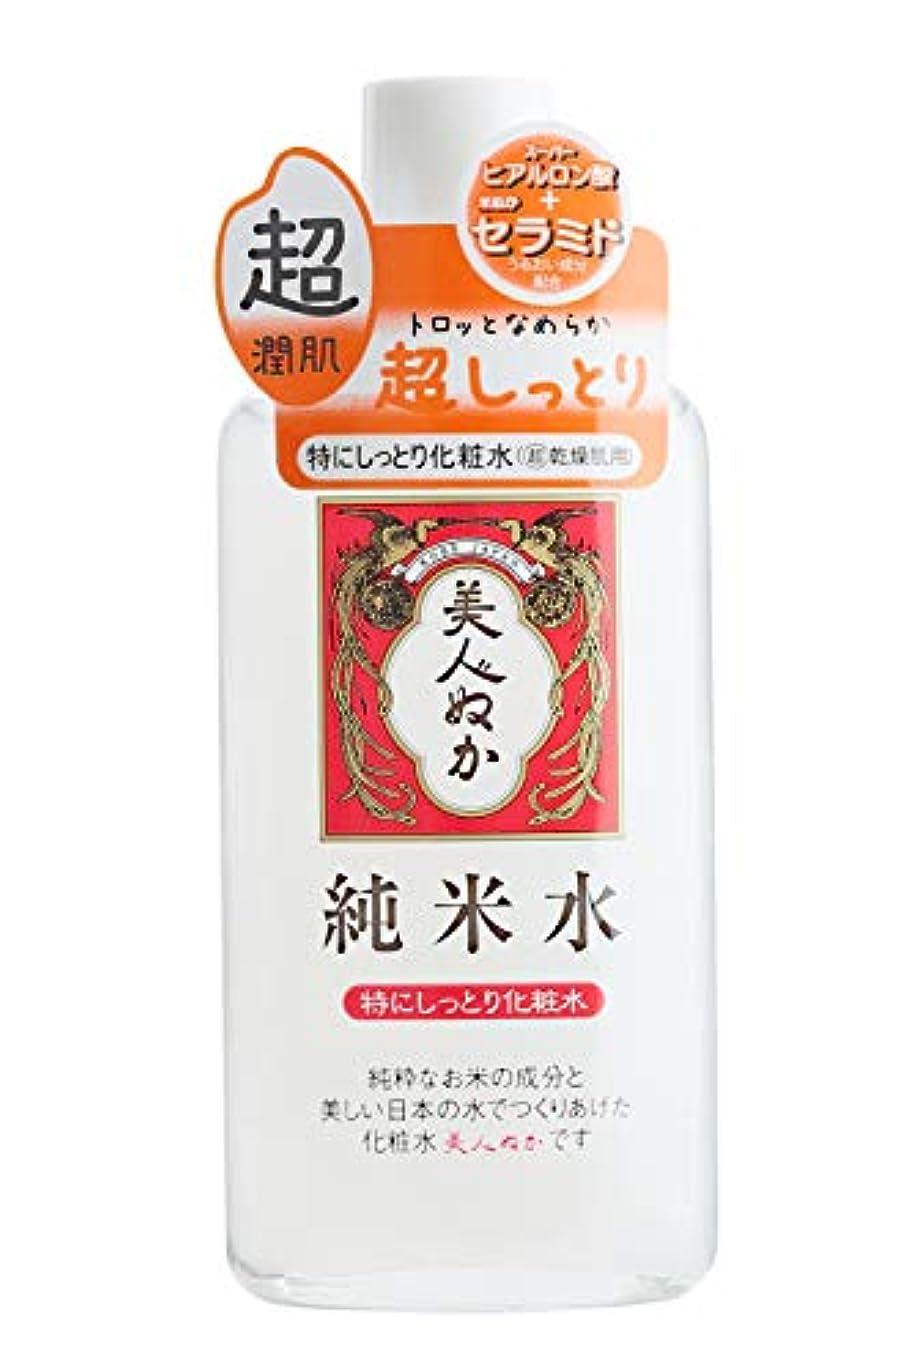 航空機砂利形容詞美人ぬか 純米水特にしっとり化粧水 130ml